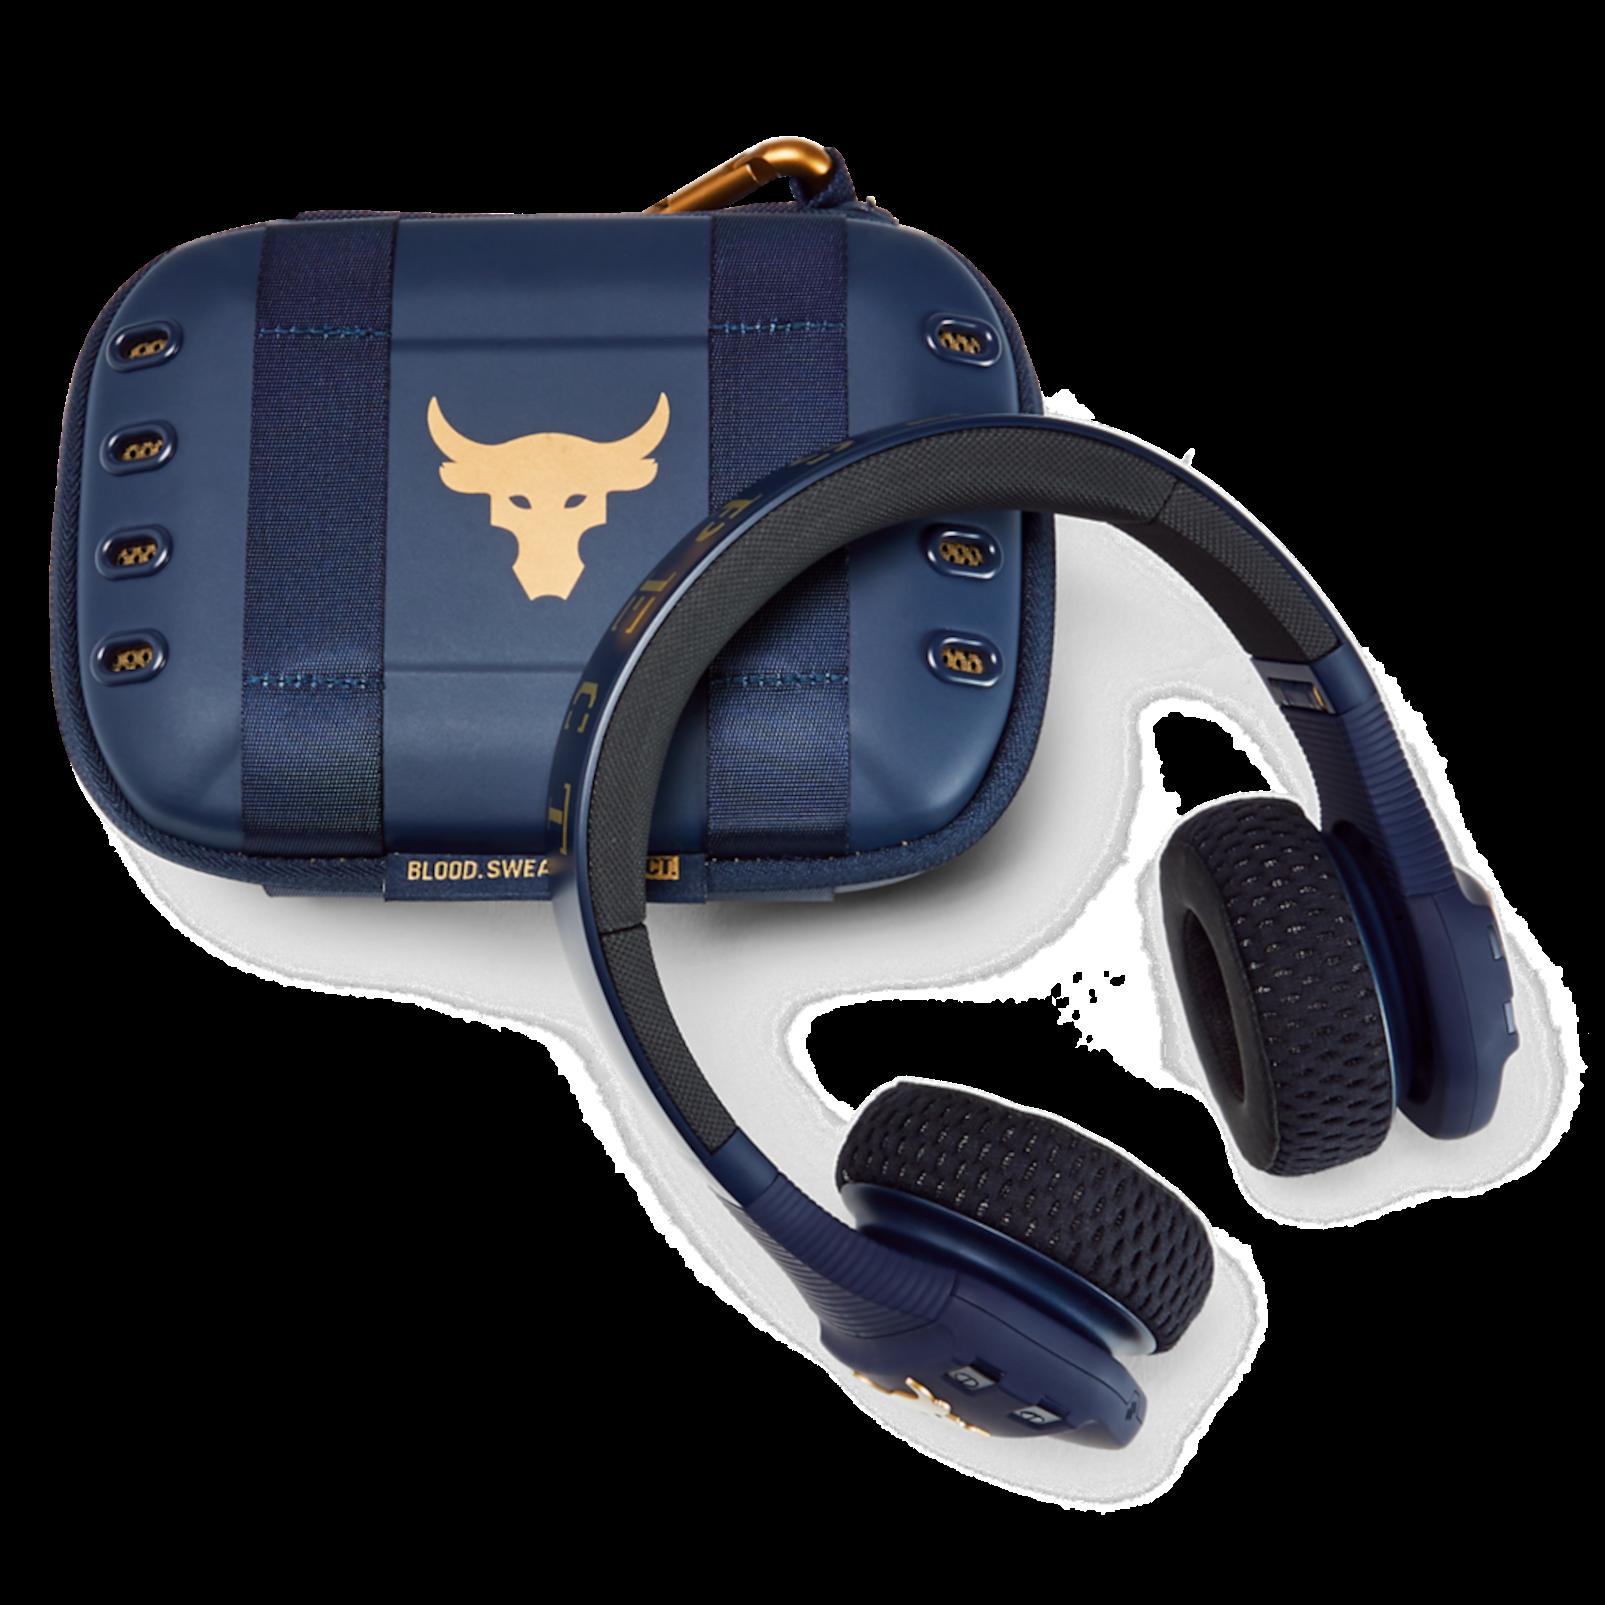 UA Sport Wireless Train Project Rock – Engineered by JBL - Blue - On-ear sport Headphones - Detailshot 3